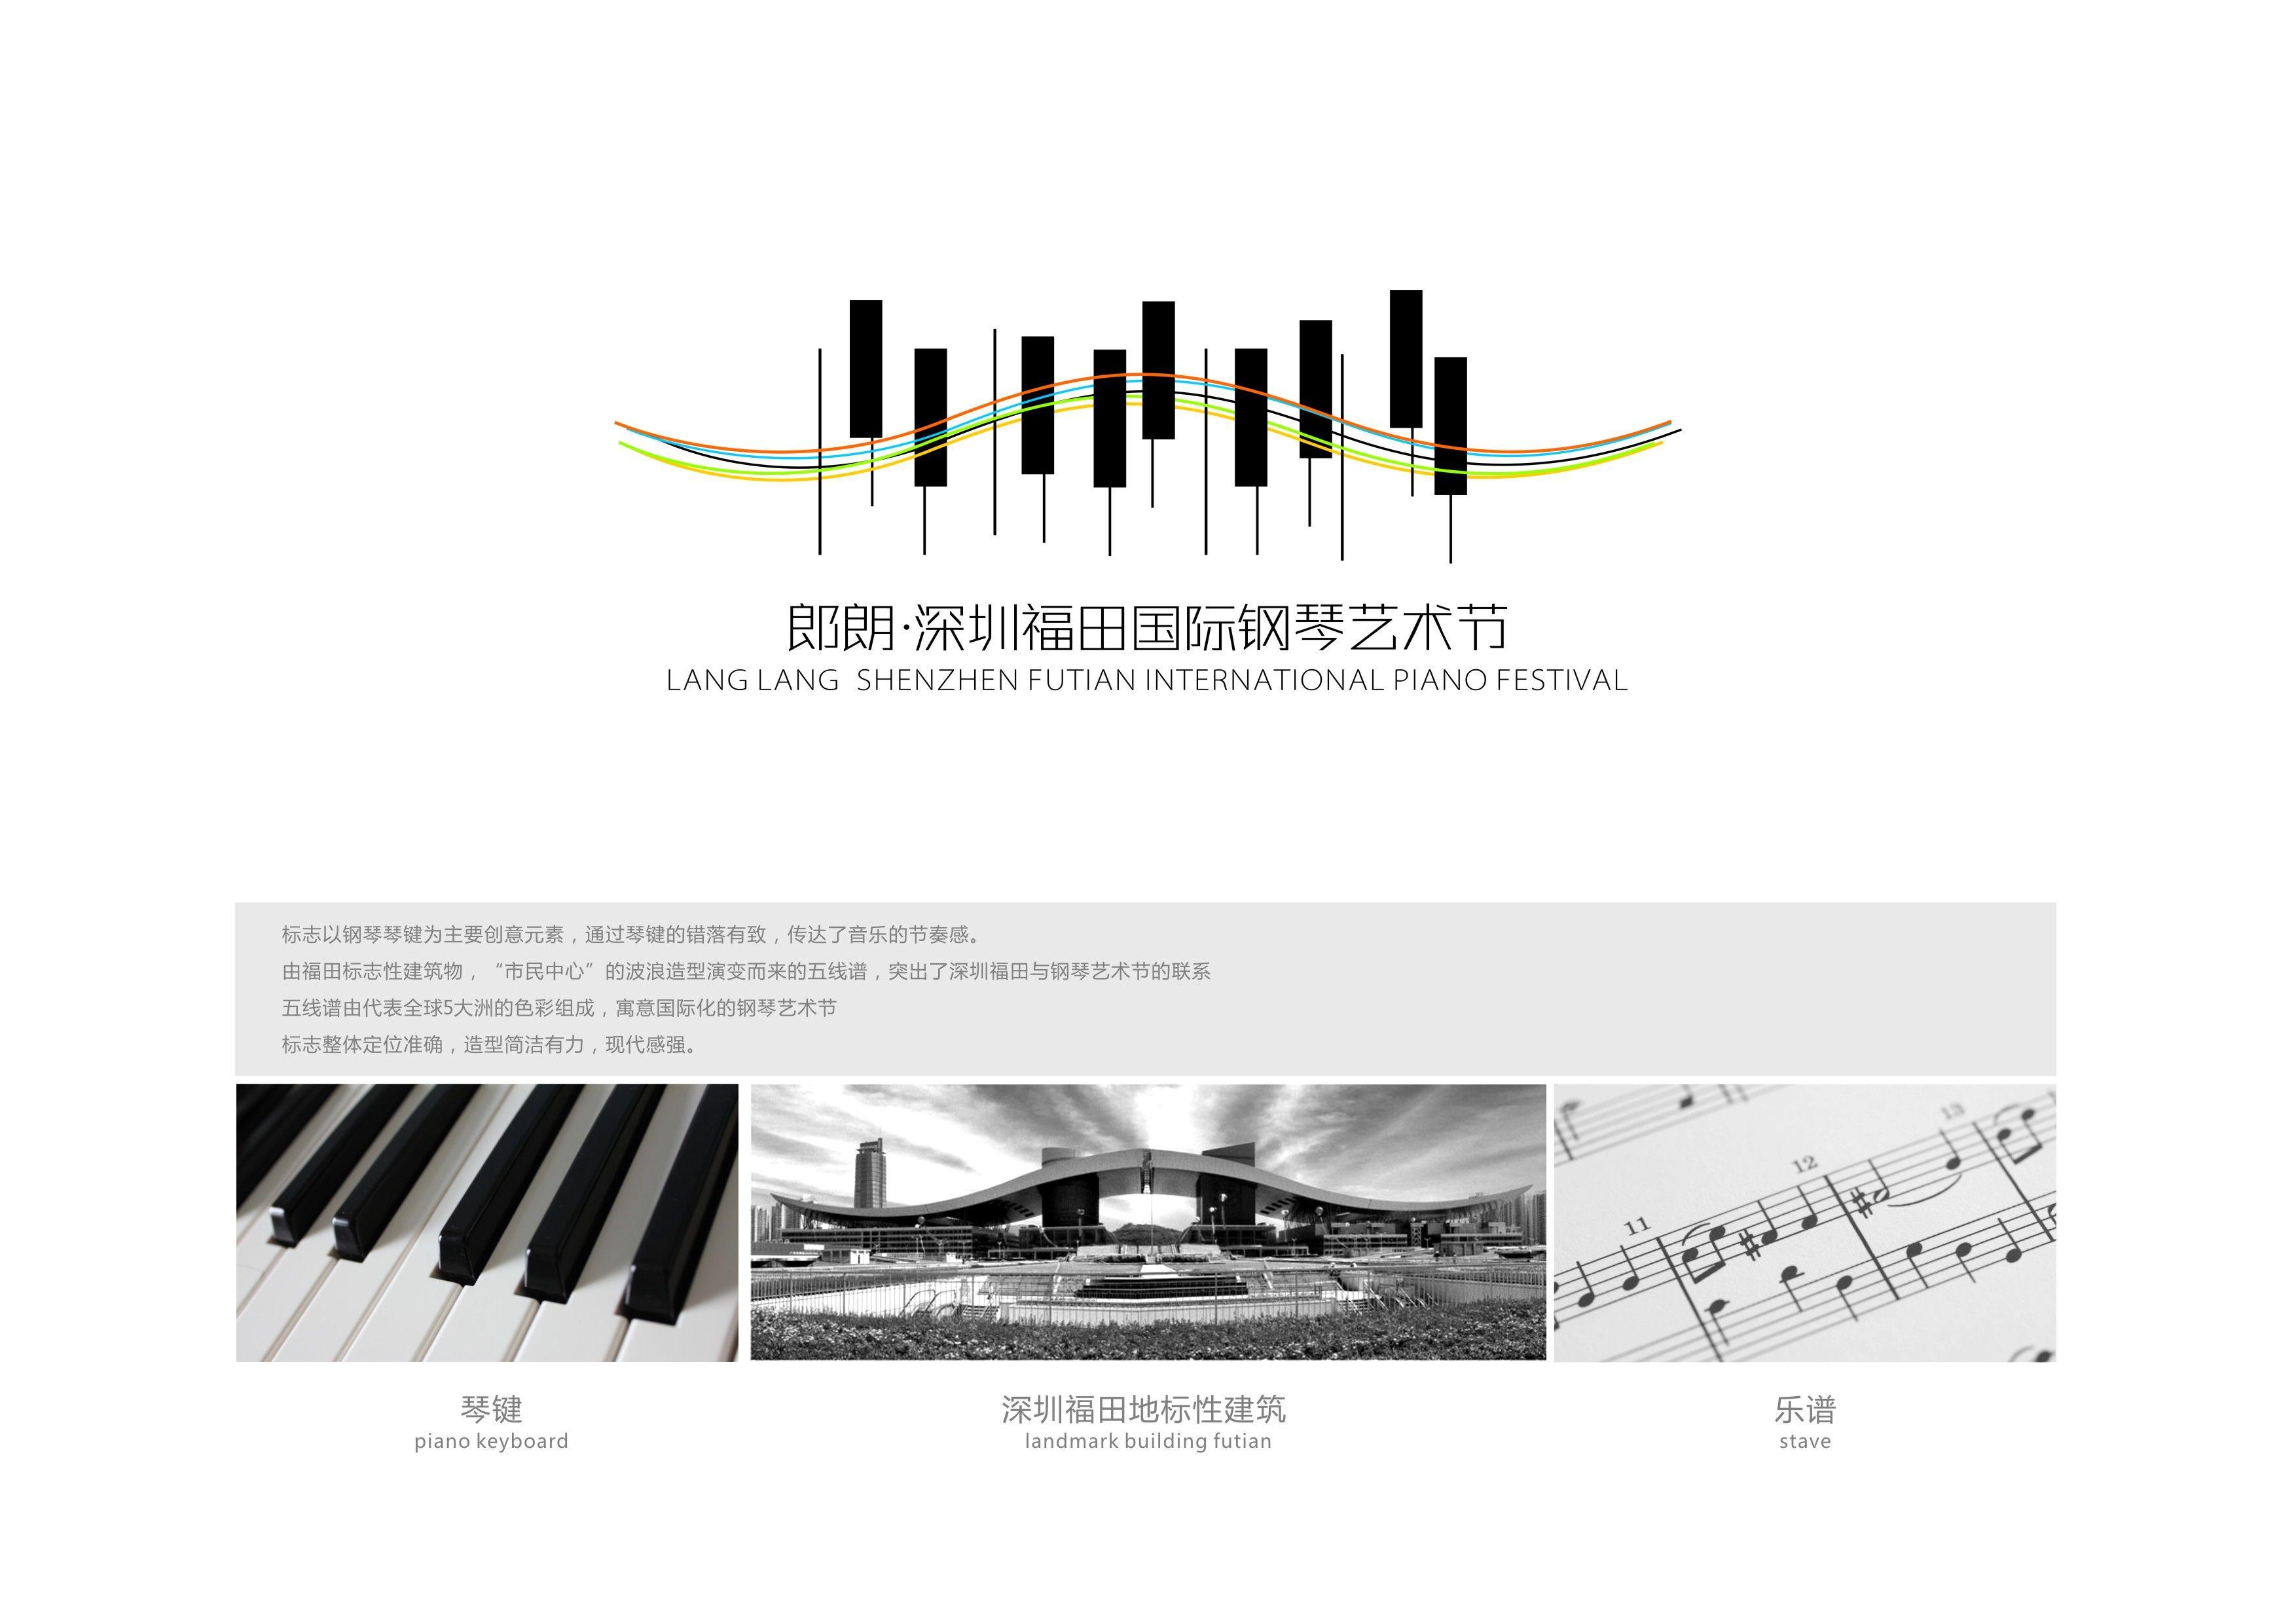 【名汉唐设计】郎朗·深圳福田国际钢琴艺术节vi设计